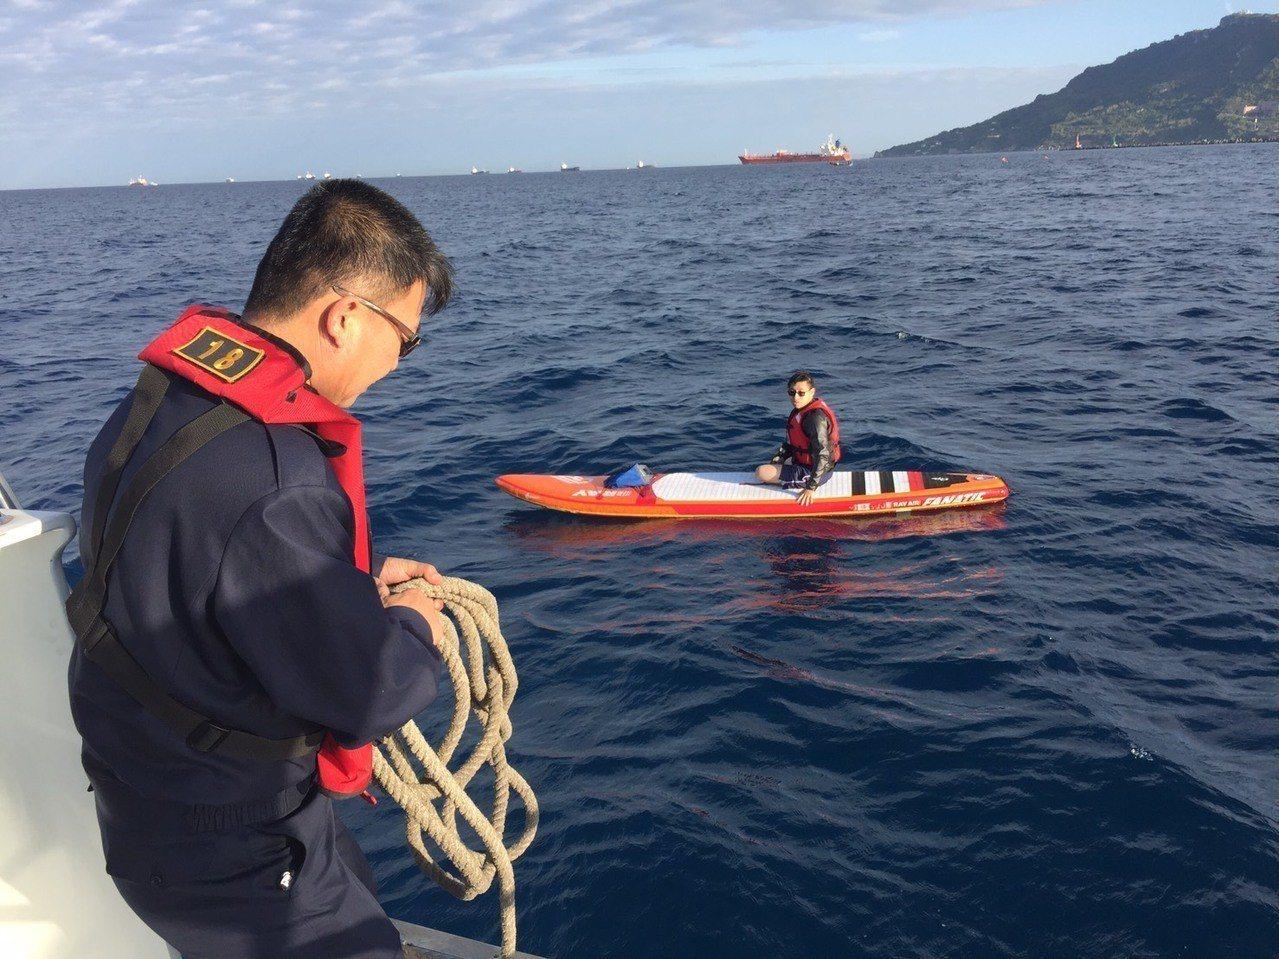 高雄港務警察總隊派派警艇前往救援,發現劉姓男子坐在立式槳板上,將他救上來。記者劉...